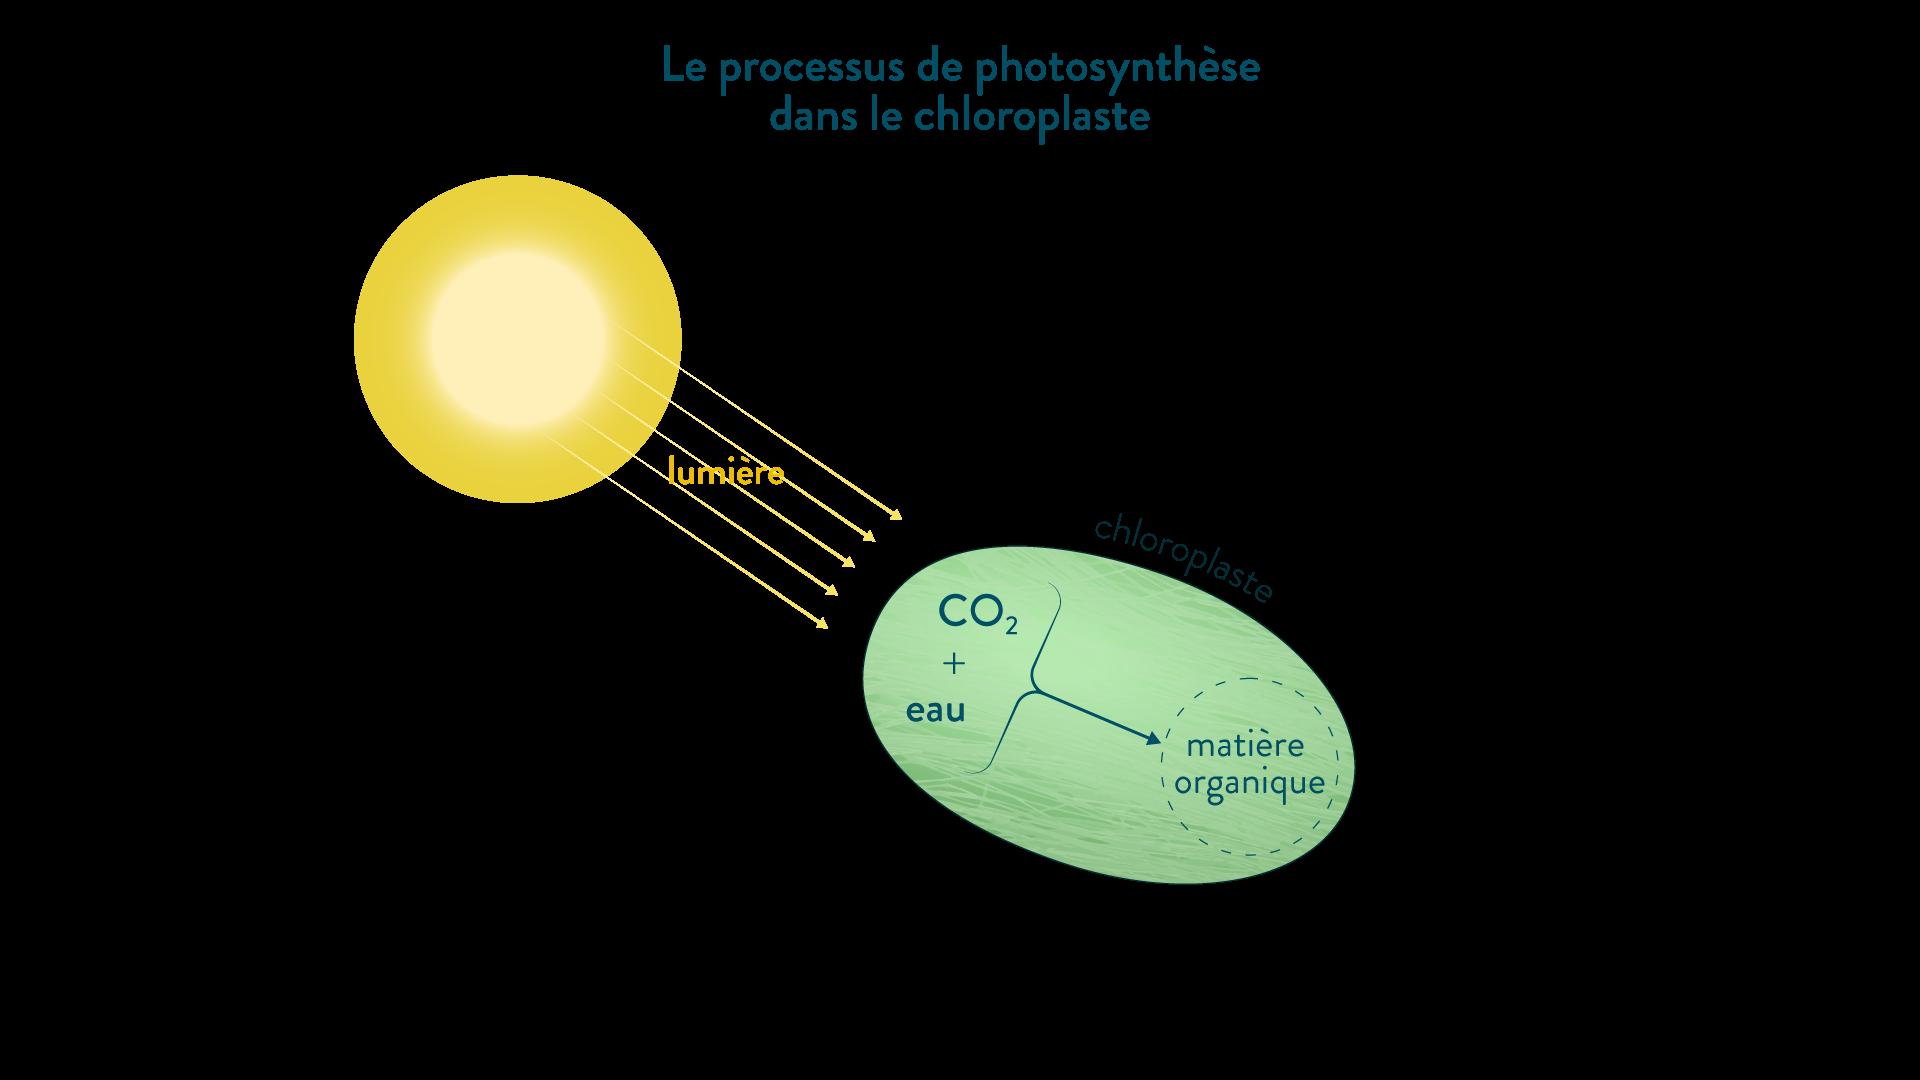 Schéma du processus de photosynthèse dans le chloroplaste